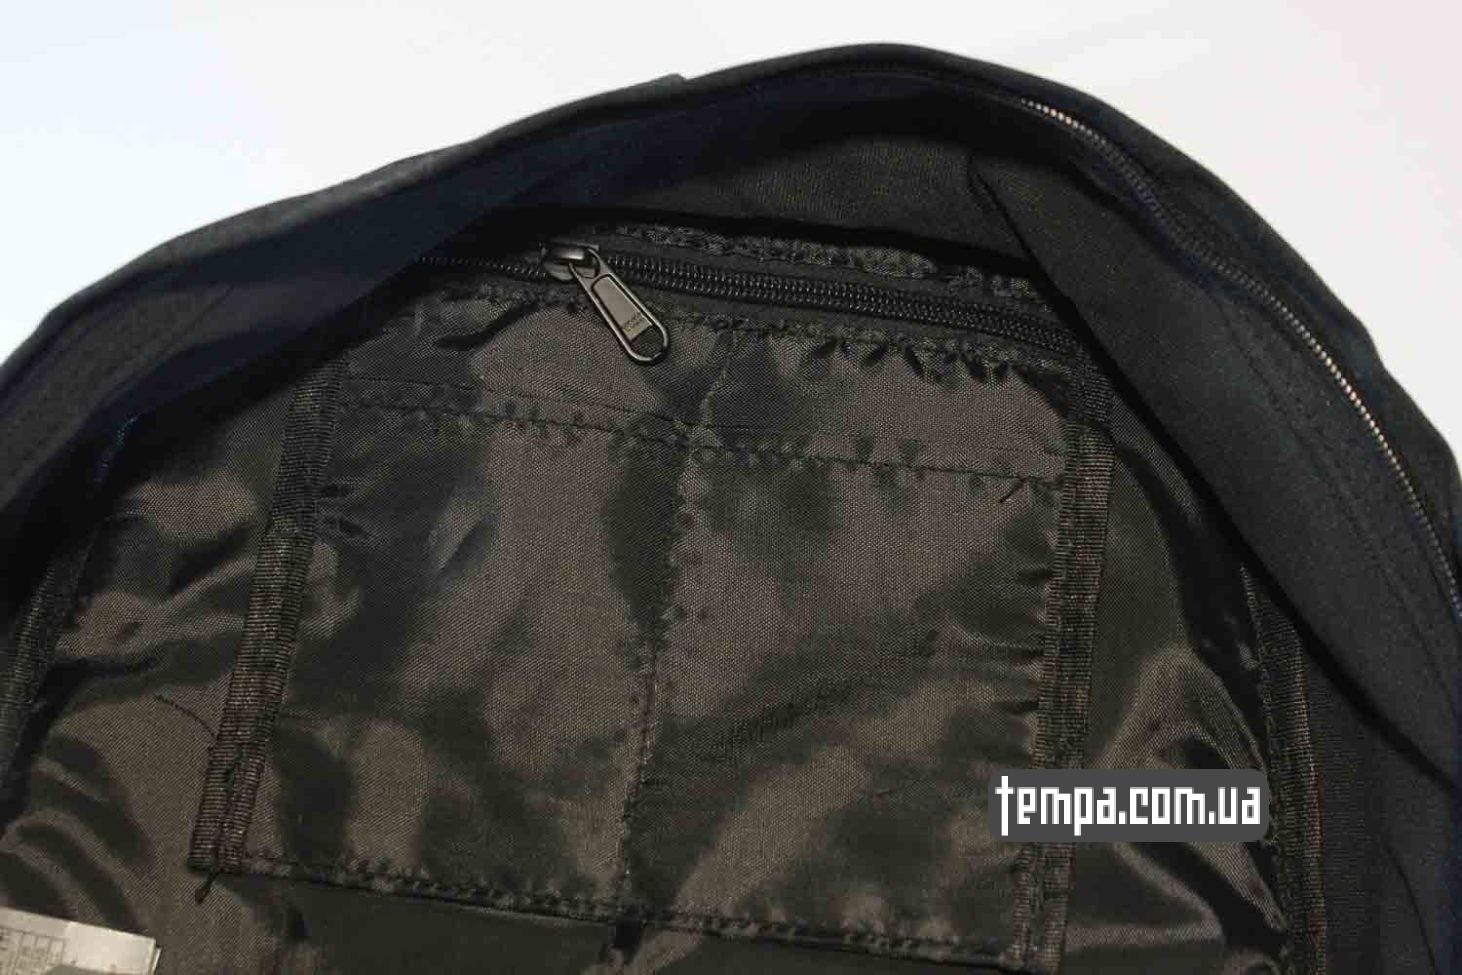 где купить оригинал рюкзак Carhartt black backback черный купить Украина